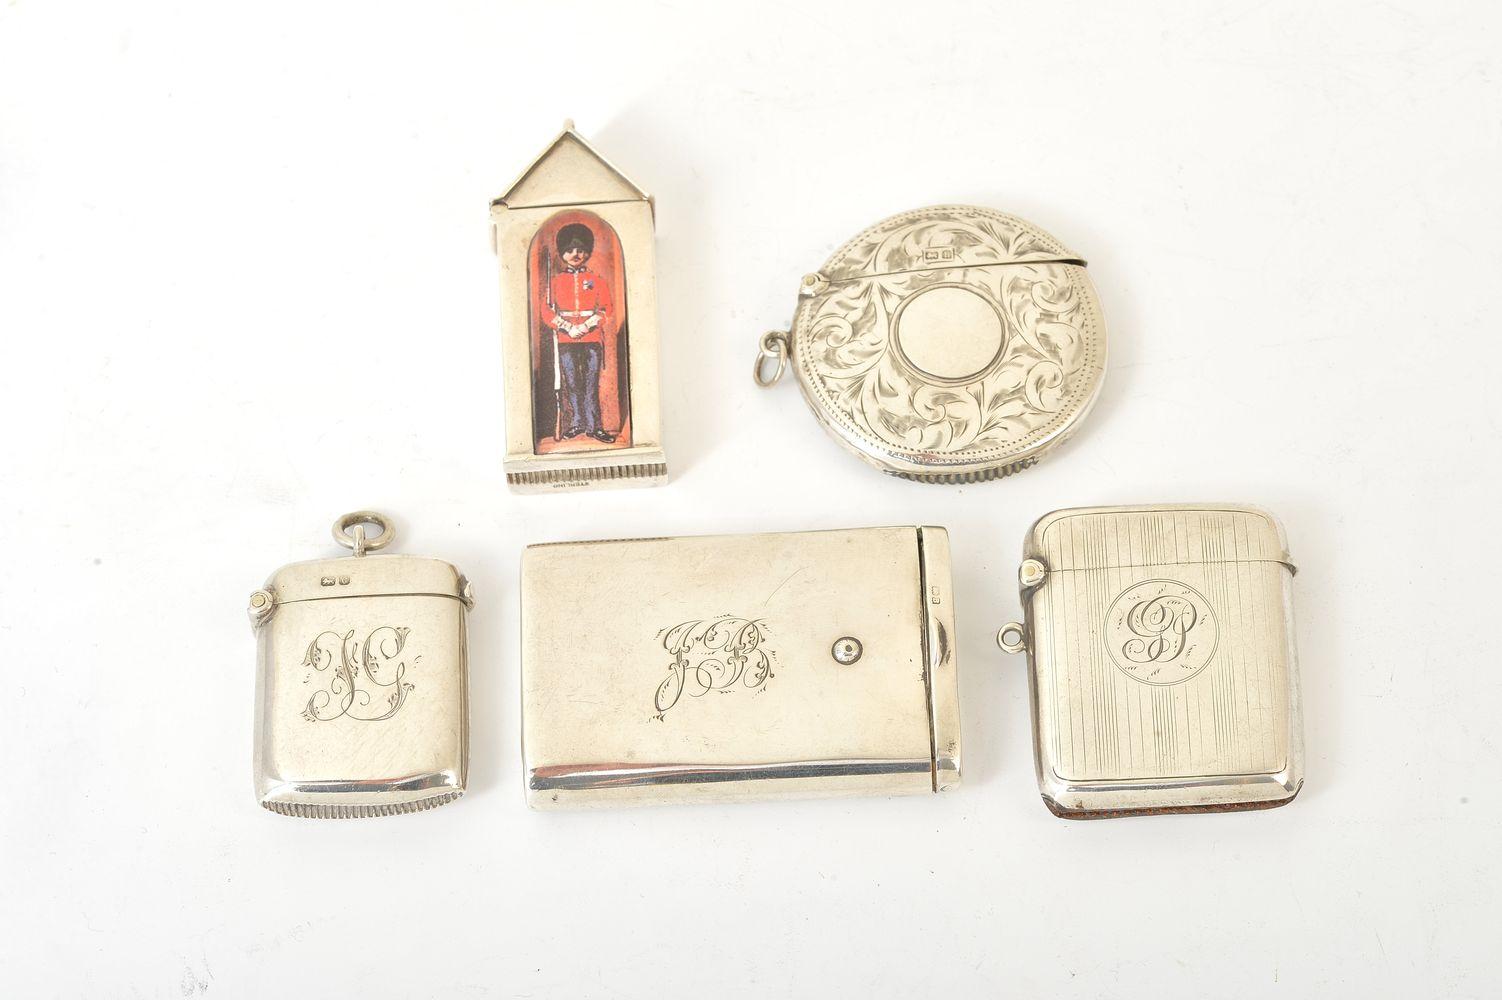 A silver novelty sentry box vesta case